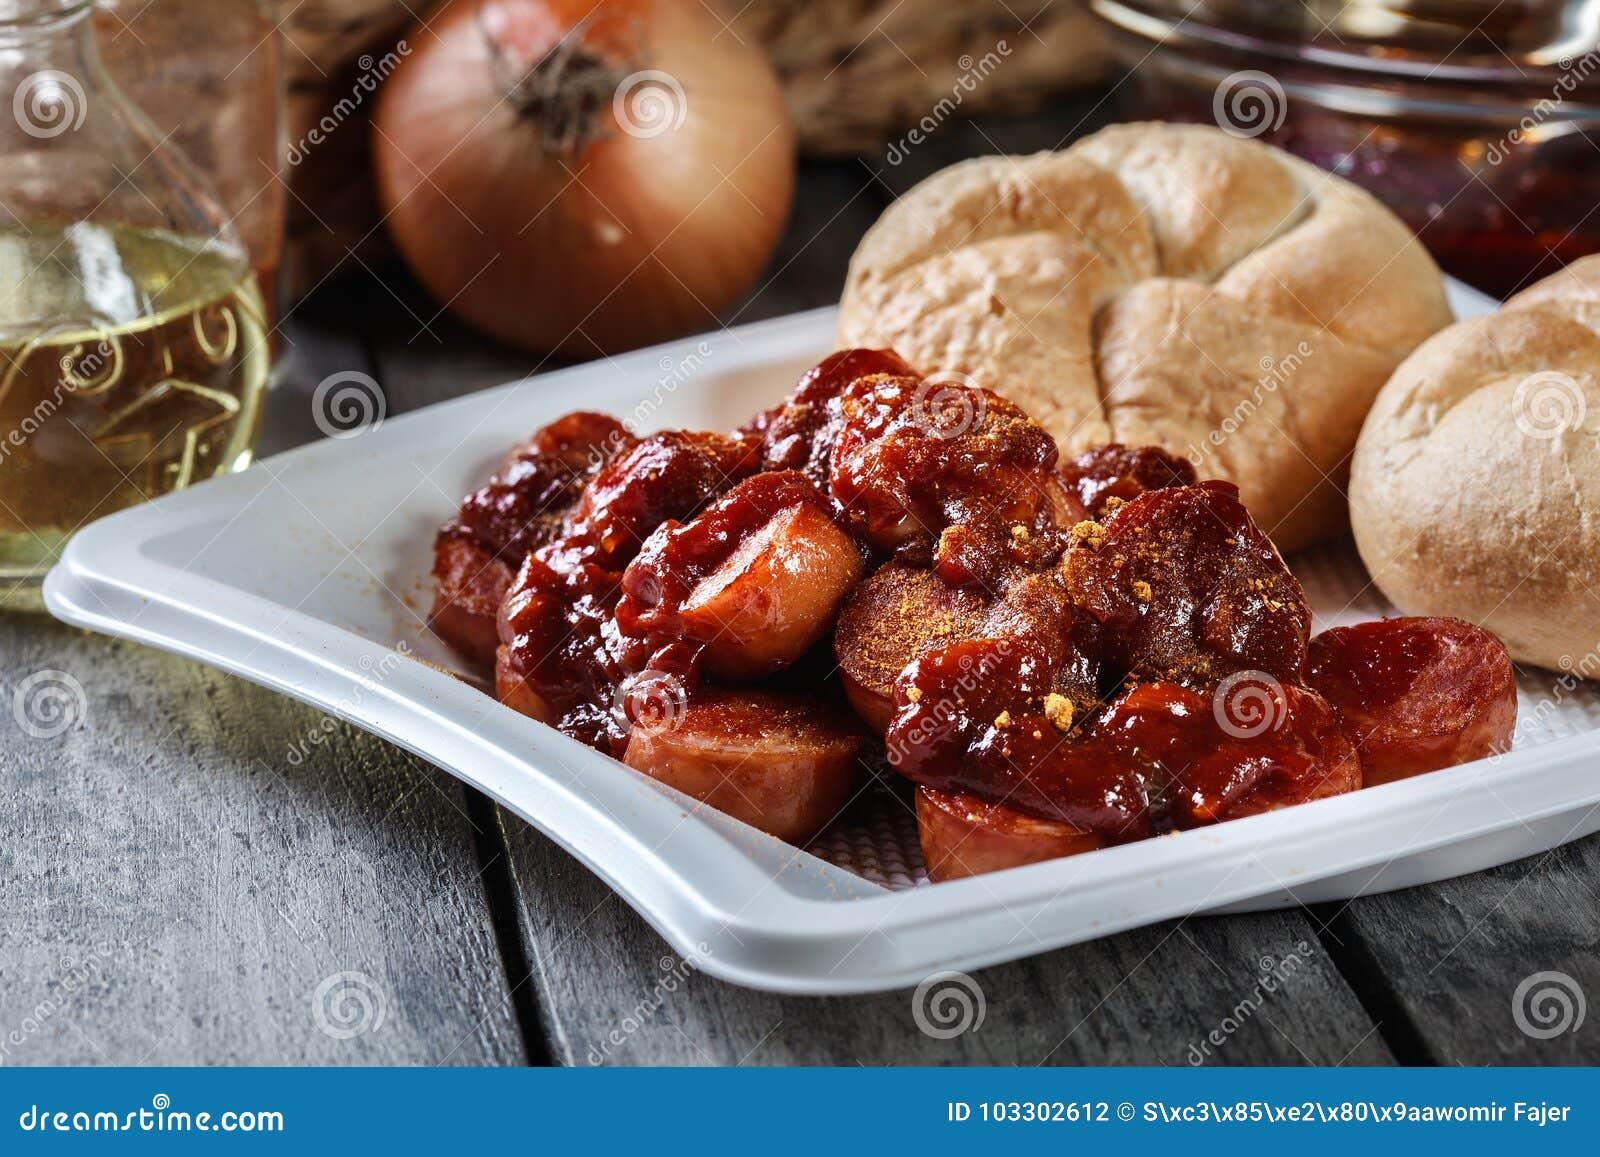 Currywurst alemão delicioso - partes de salsicha com molho de caril